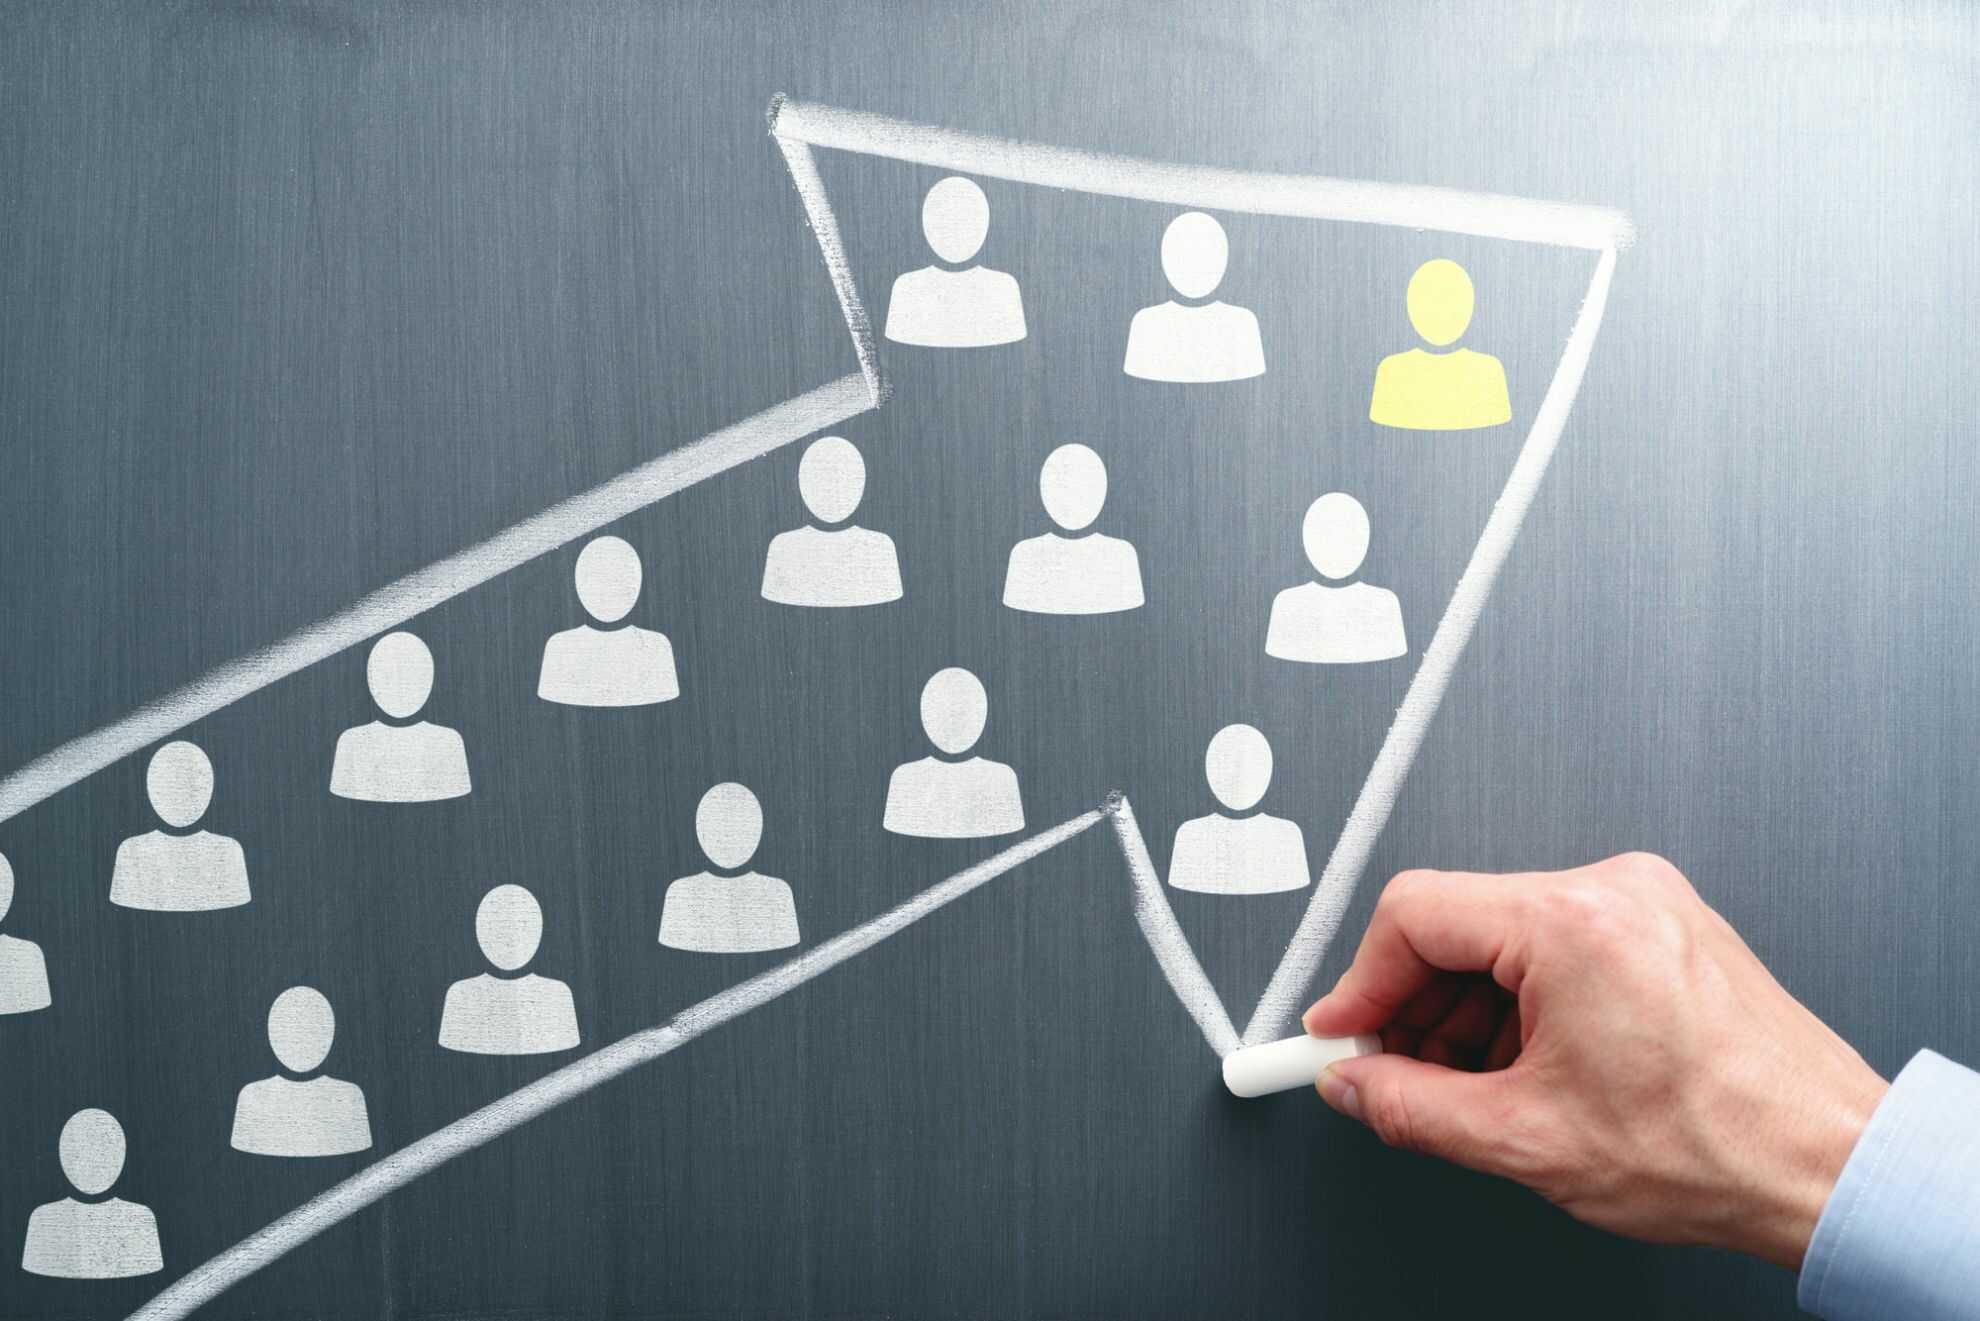 メンバーを同じベクトルに向けるリーダーシップを表したイメージ図